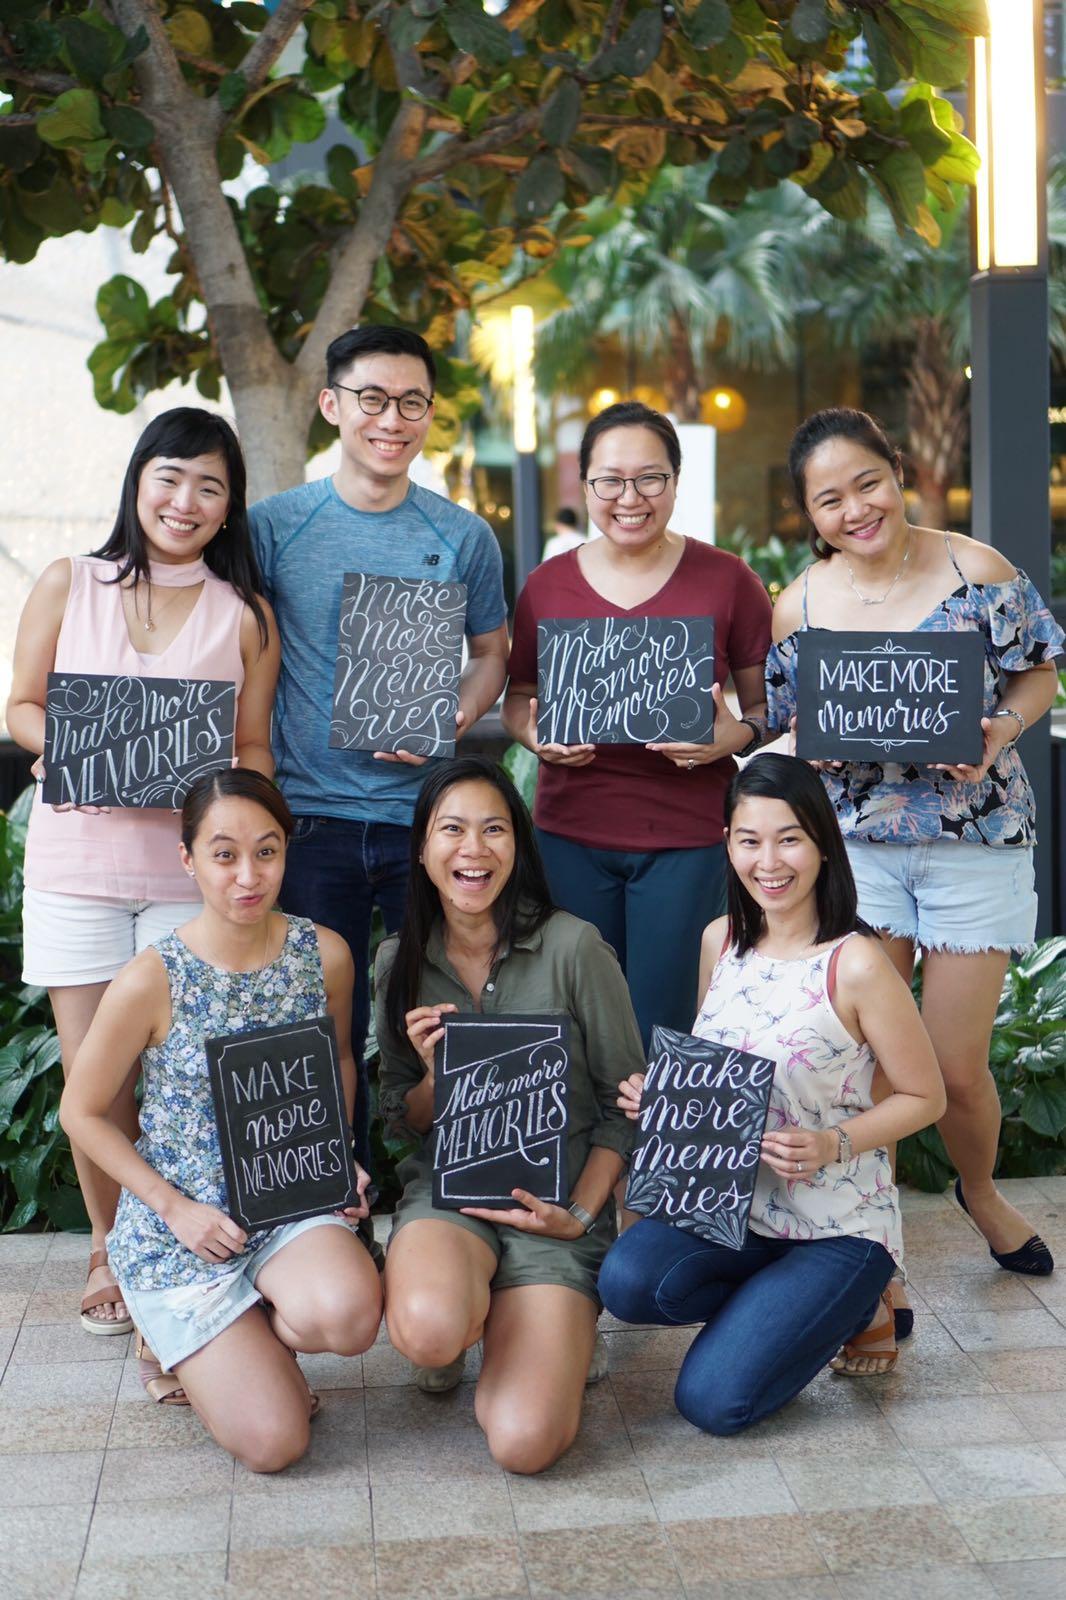 July 7, 2018 - Chalk Lettering Workshop at Caffe Vergnagno